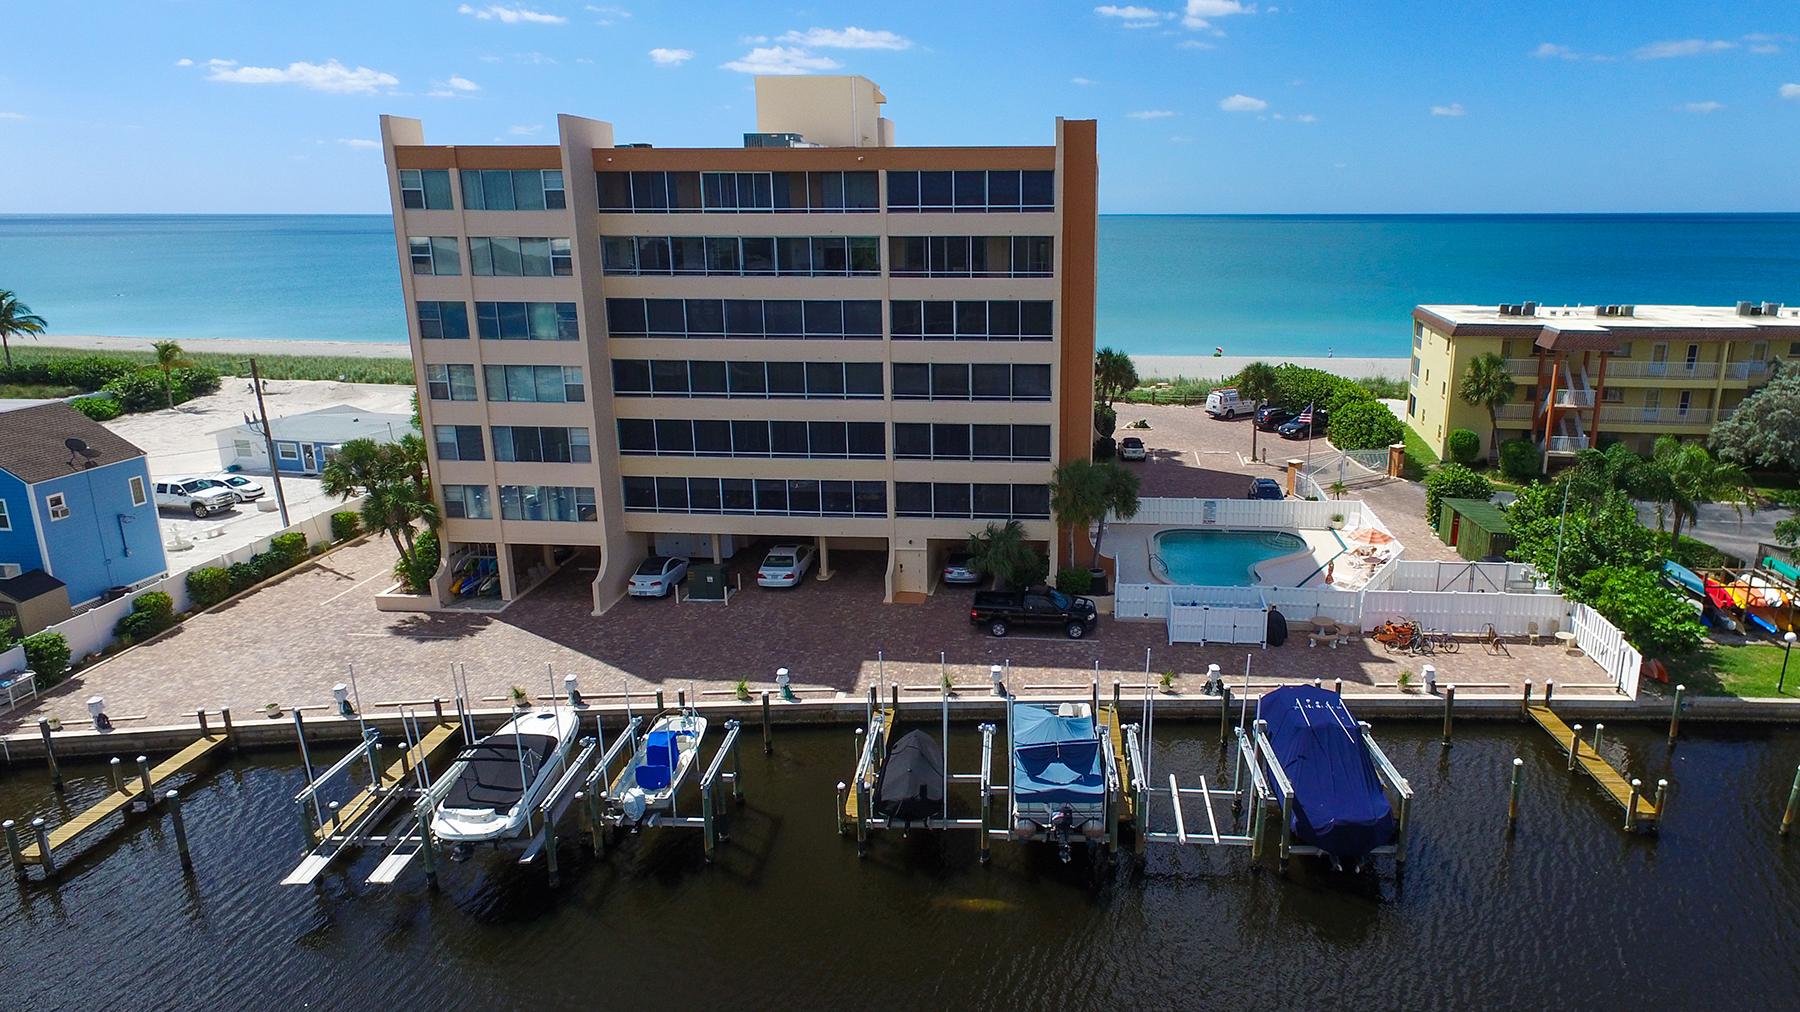 Кондоминиум для того Продажа на FISHERMAN'S HAVEN 9150 Blind Pass Rd 604 Sarasota, Флорида, 34242 Соединенные Штаты